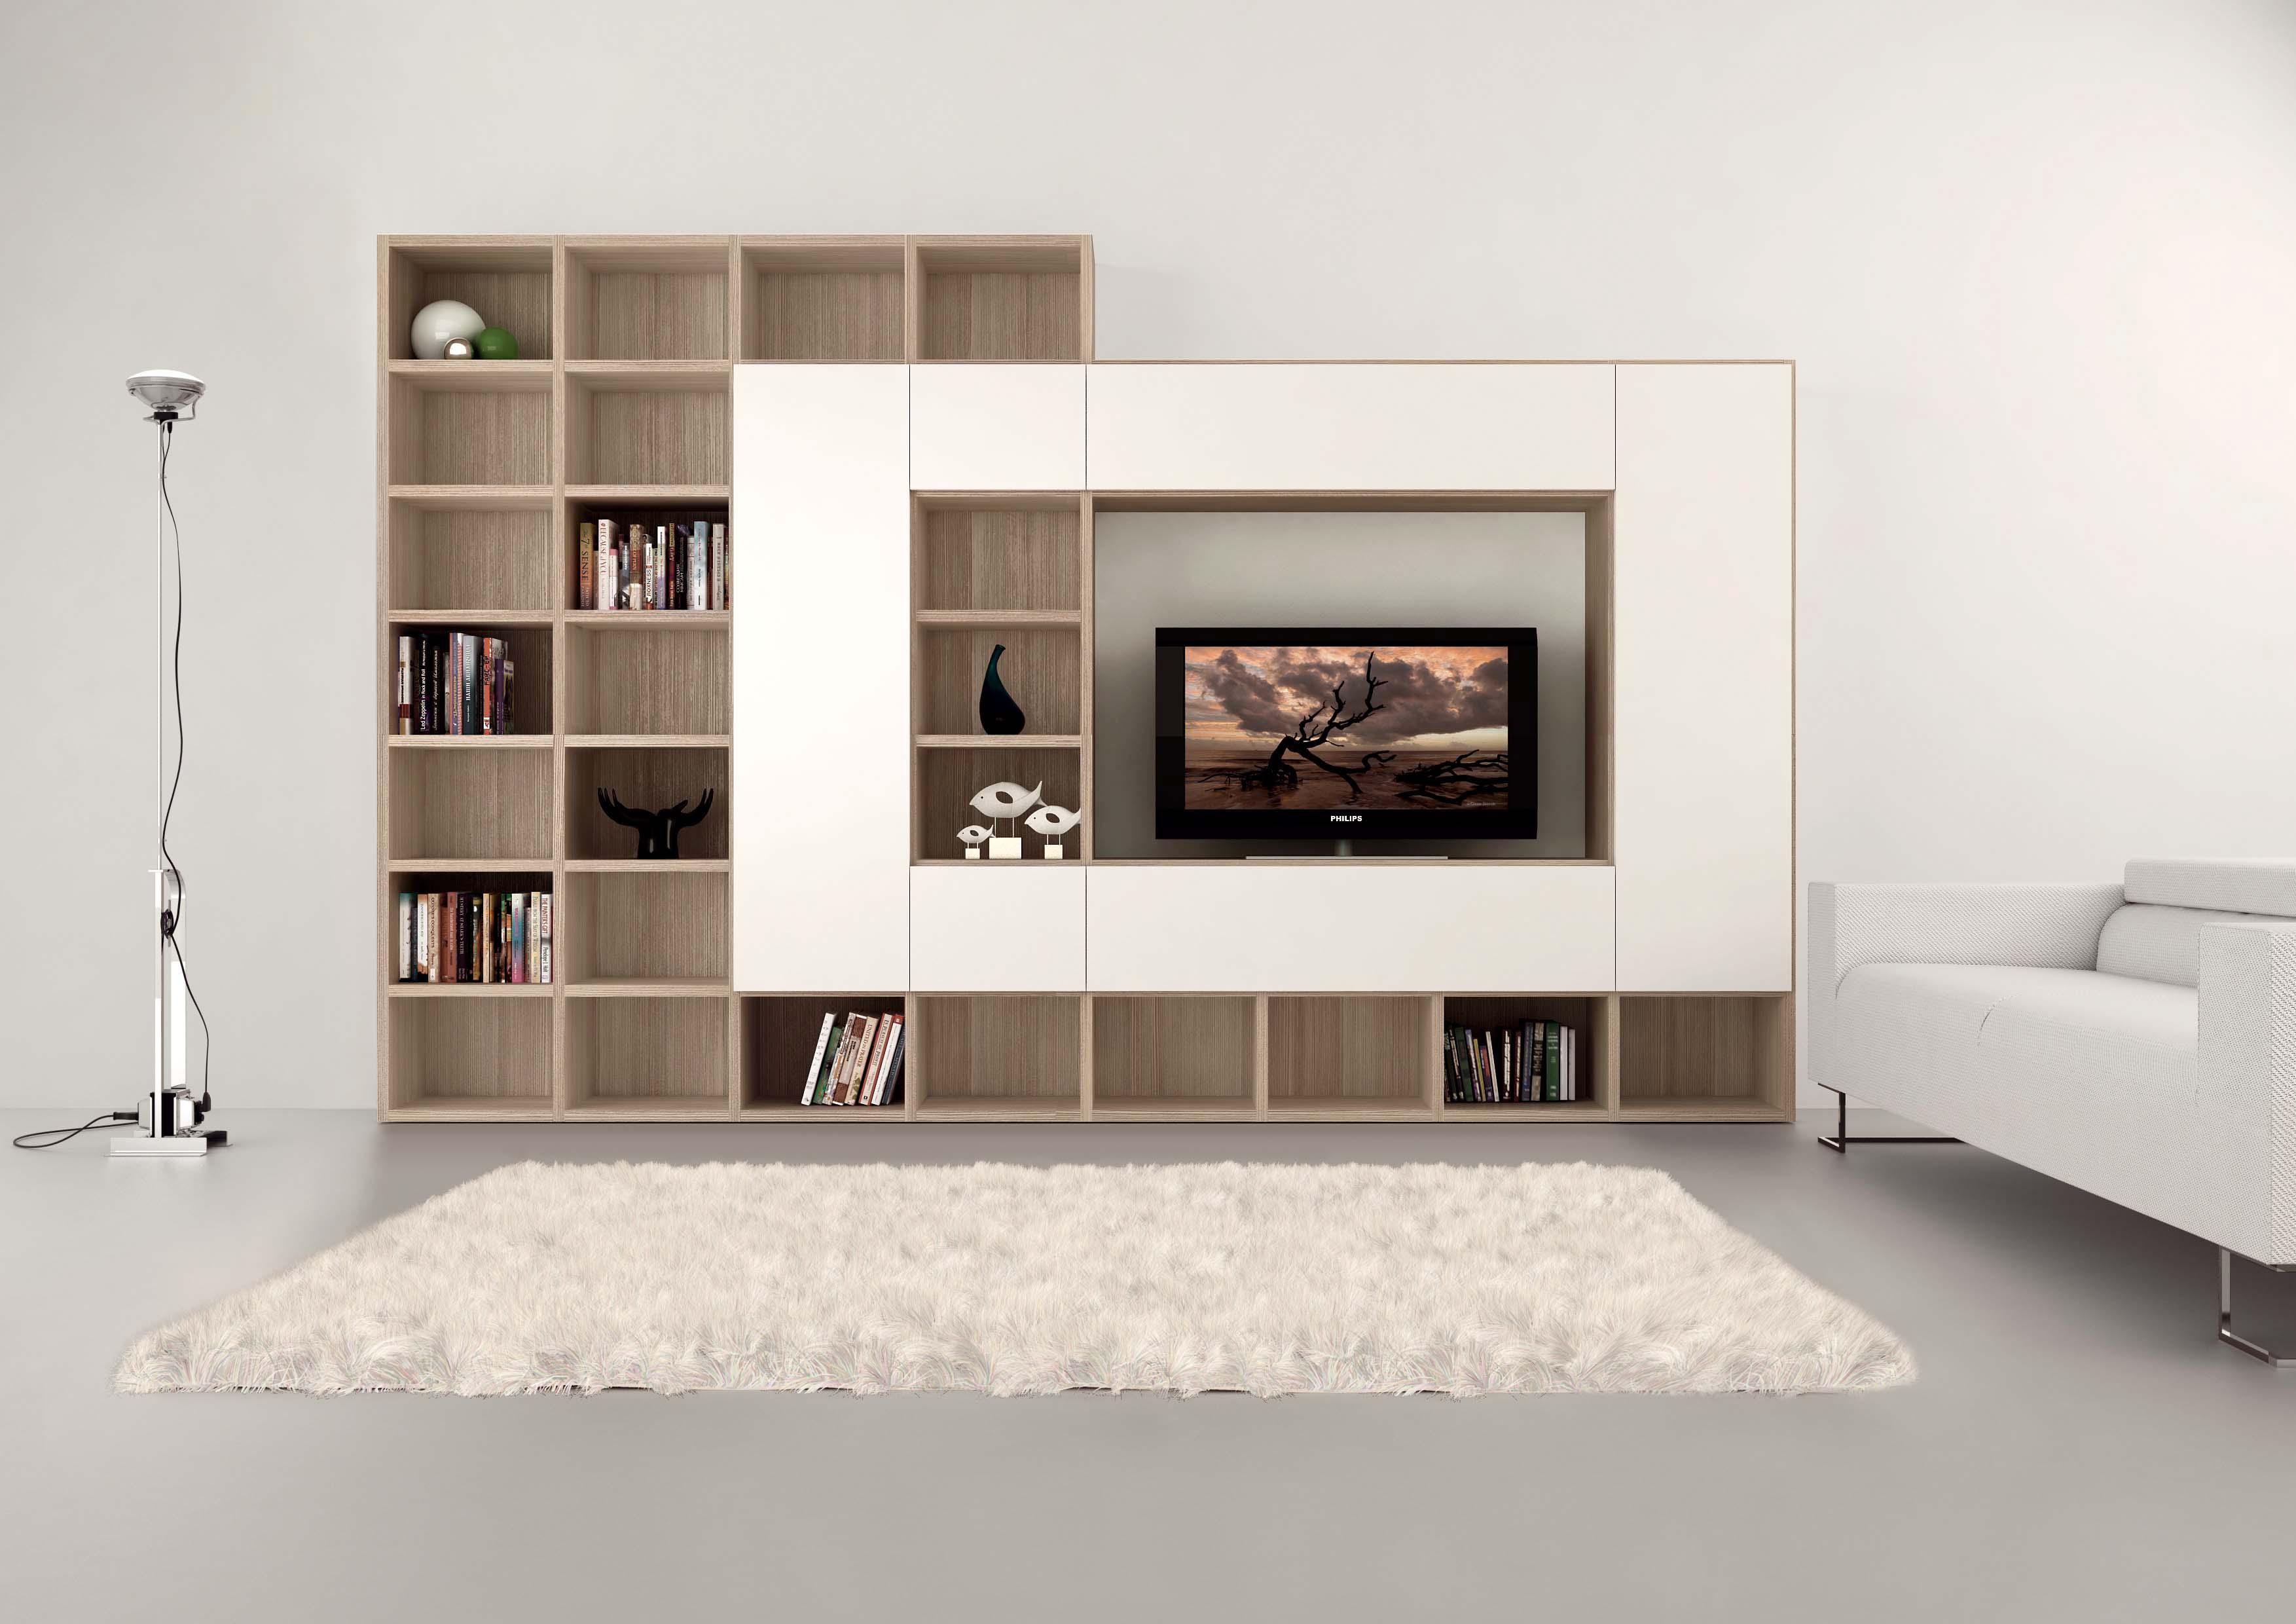 Ikea kasten in elkaar laten zetten met montageservice - THOMAS GASPERSZ